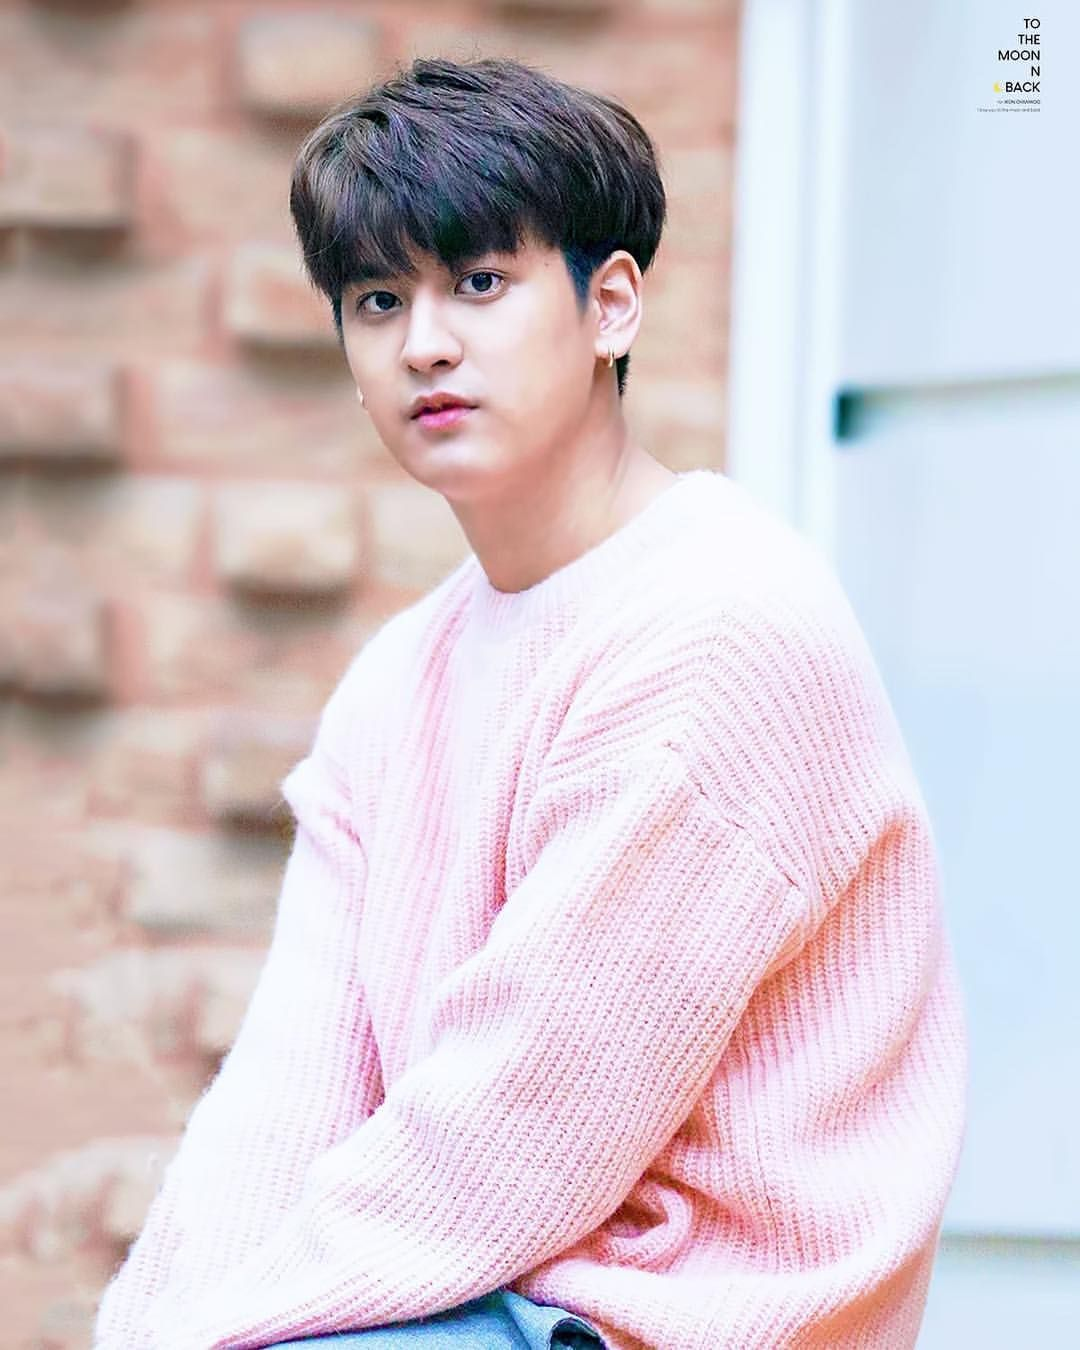 iKON jung Chan chanwoo jungchanwoo ikonchanwoo ikonmaknae 1080x1350